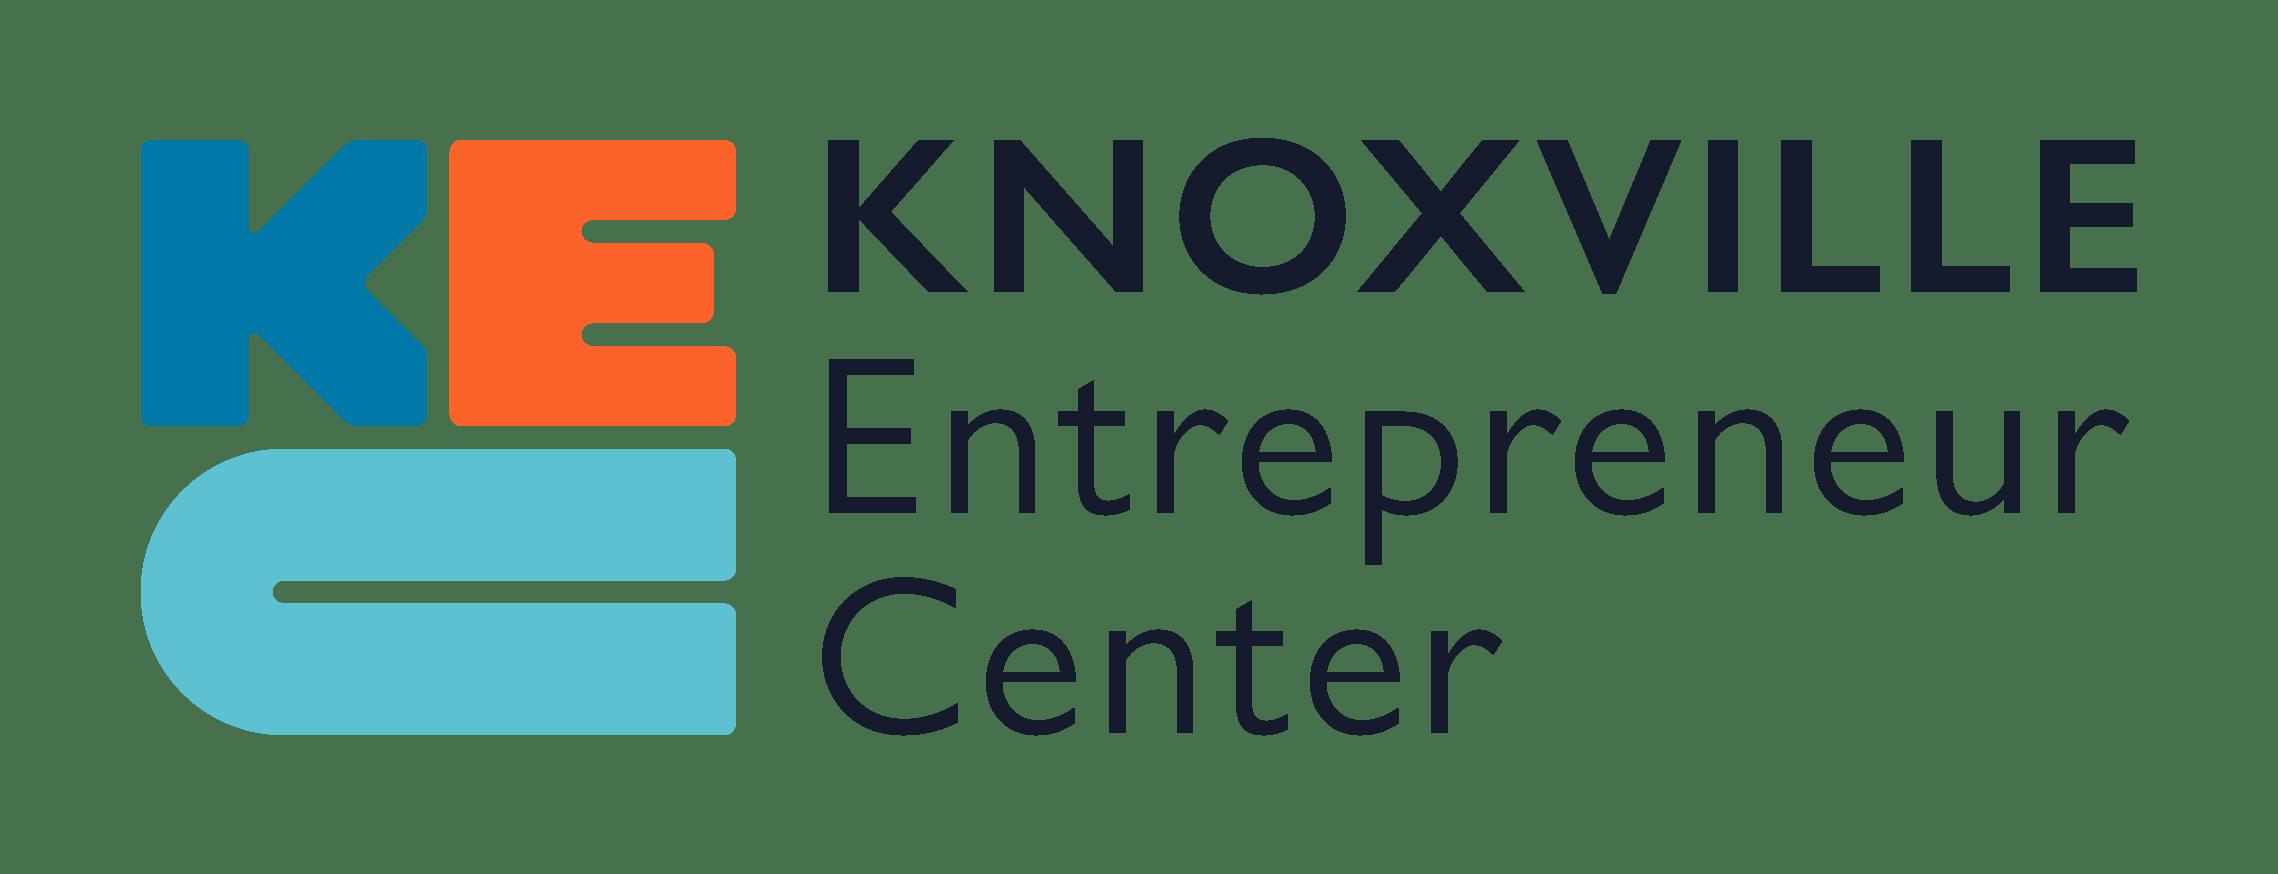 knoxville entrepreneur center logo